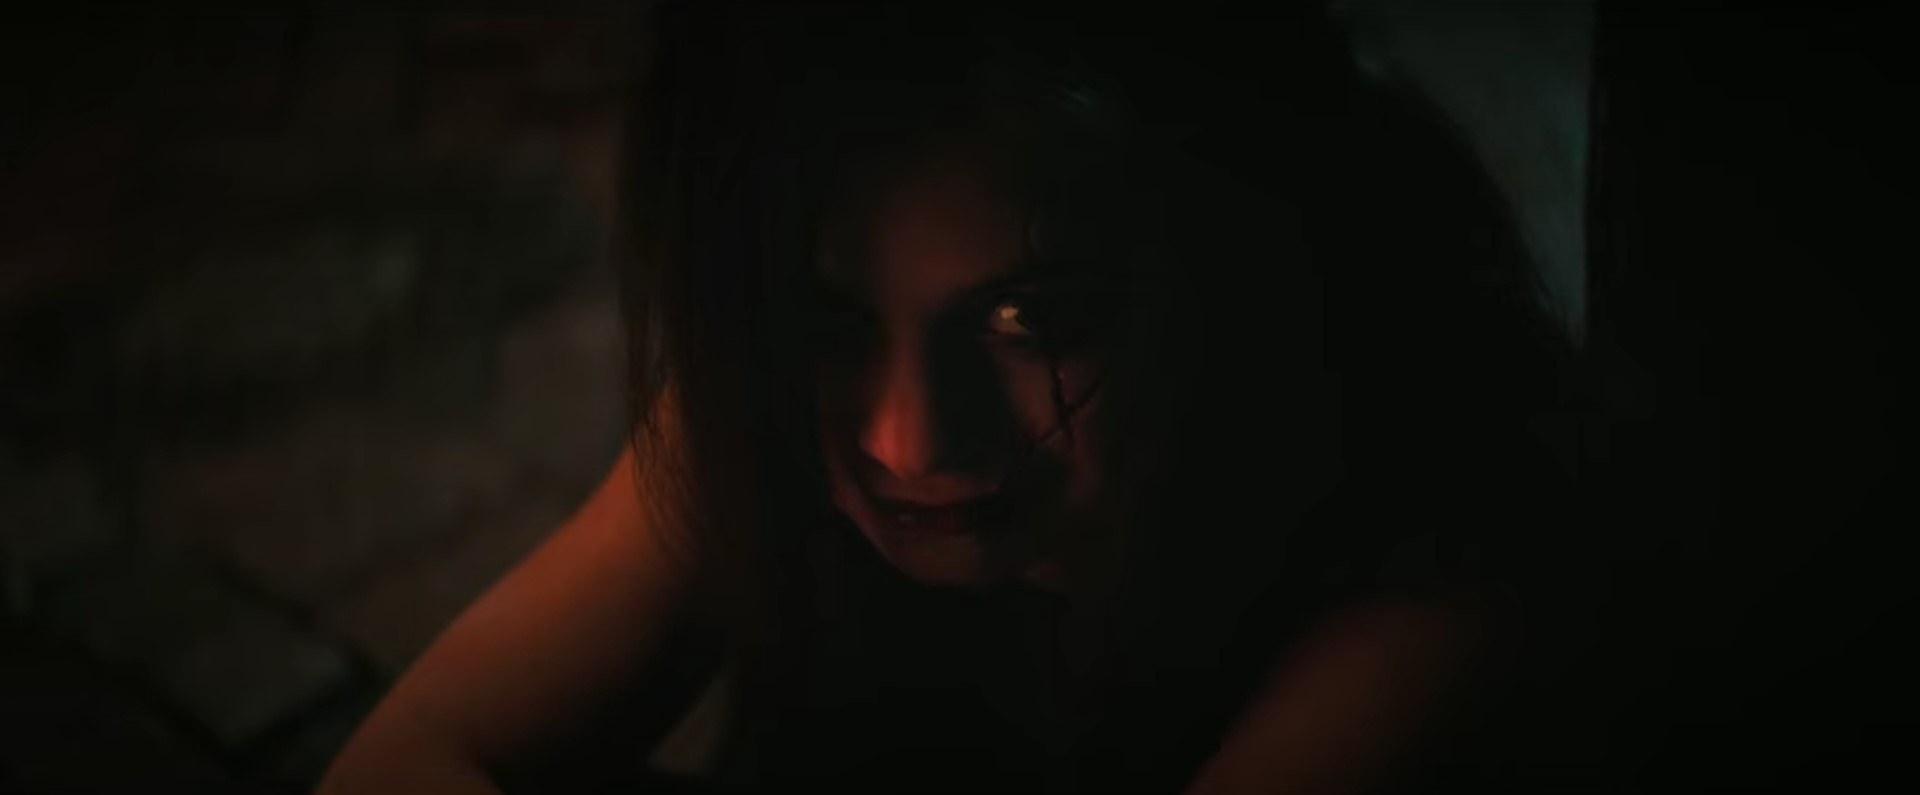 Ruby Lane in the dark